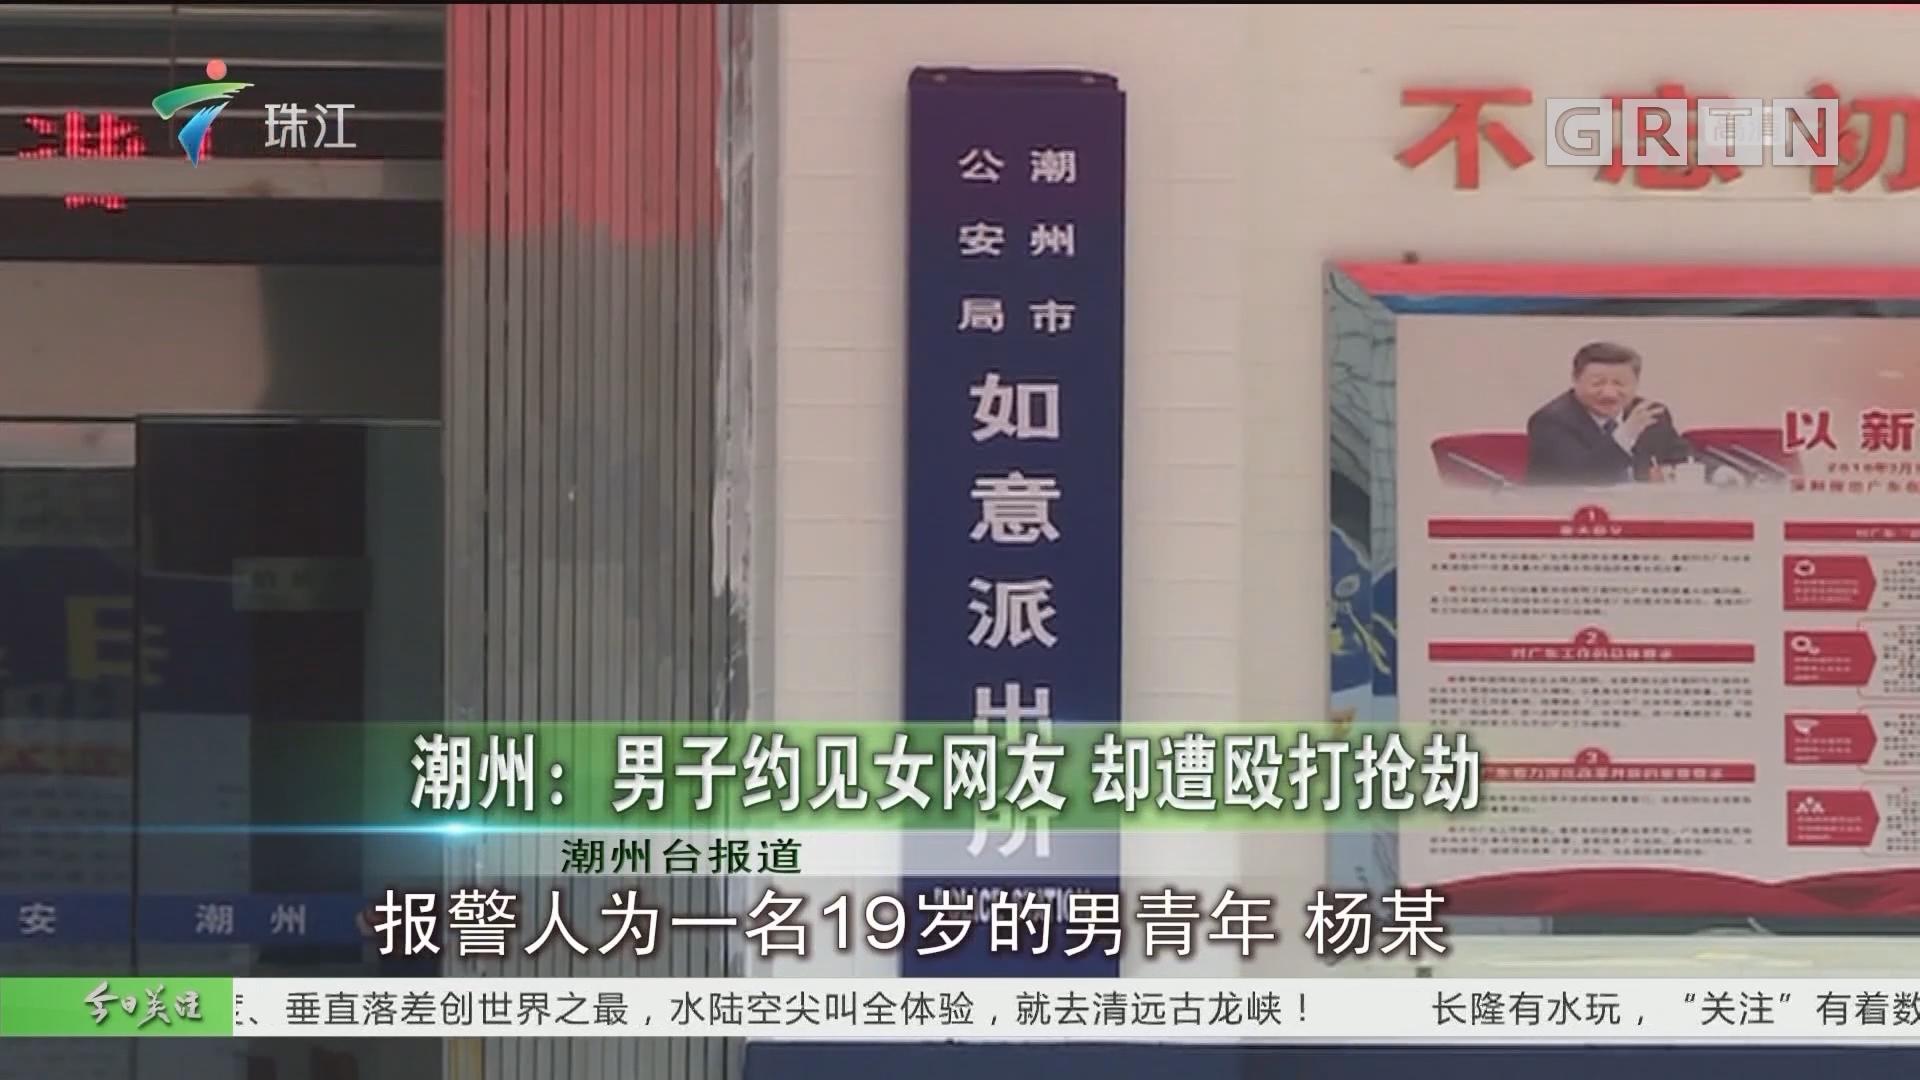 潮州:男子约见女网友 却遭殴打抢劫